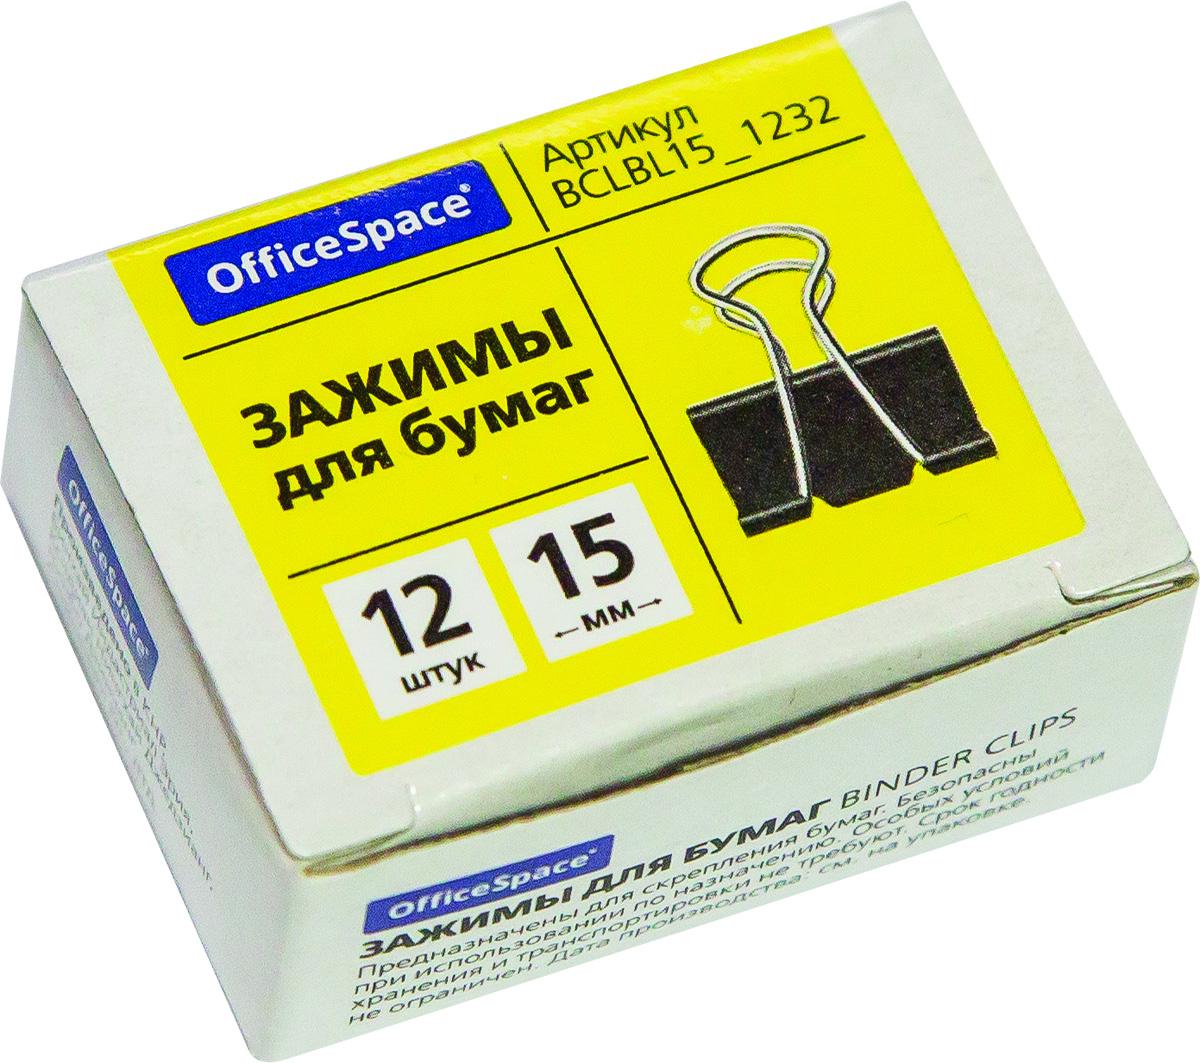 OfficeSpace Зажим для бумаг 15 мм 12 штBCLBL15_1232Зажим для бумаг OfficeSpace идеально подойдет для скрепления большого количества листов. Он не царапает, не рвет и не мнет документы. В упаковке 12 зажимов шириной 15 мм.